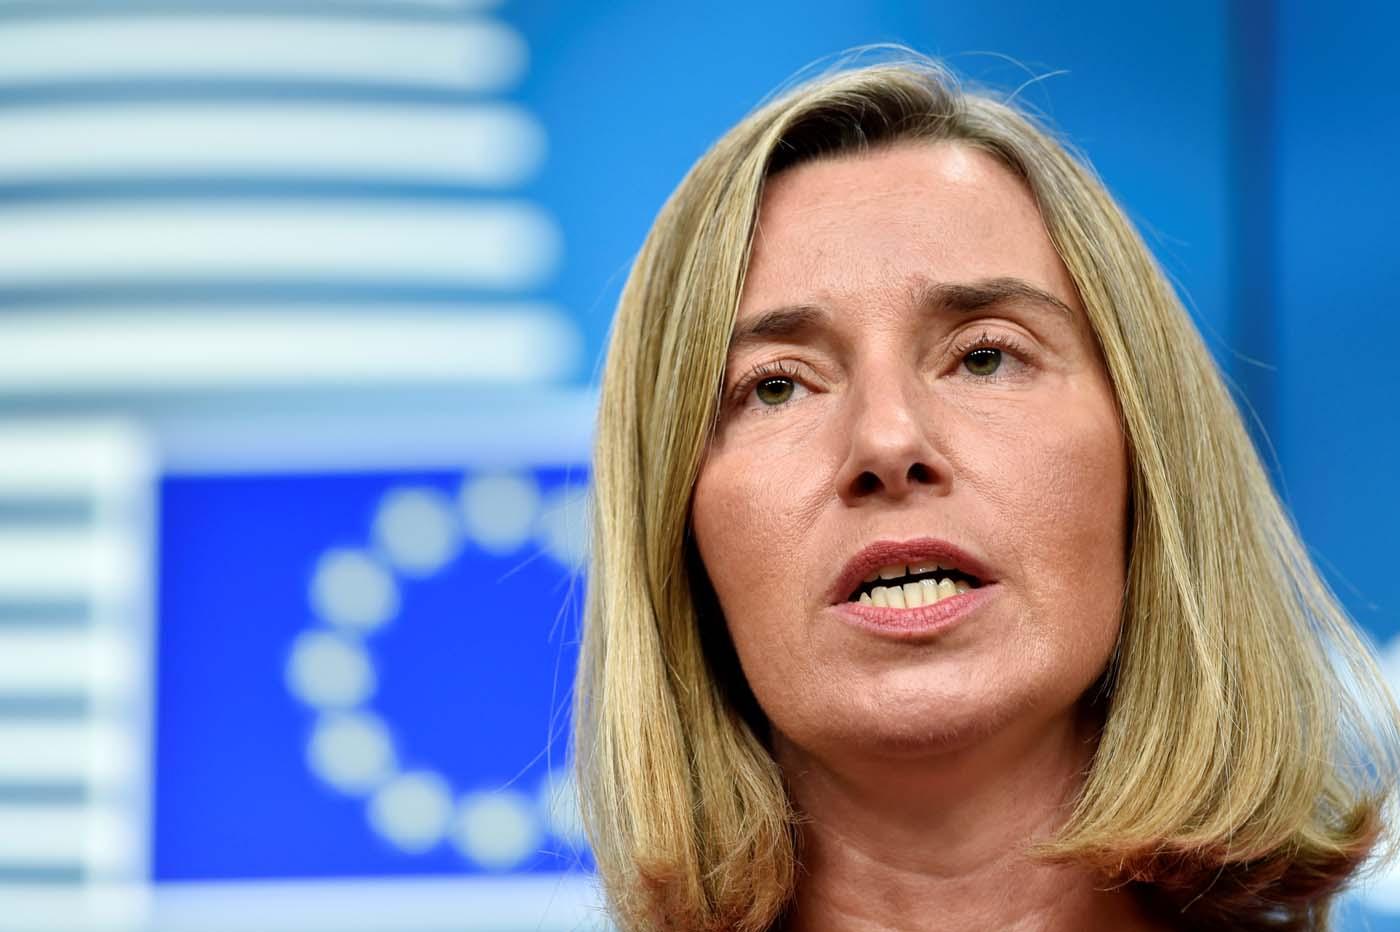 La máxima diplomática de la Unión Europea, Federica Mogherini, en una rueda de prensa en Bruselas, jul 25, 2017. REUTERS/Eric Vidal